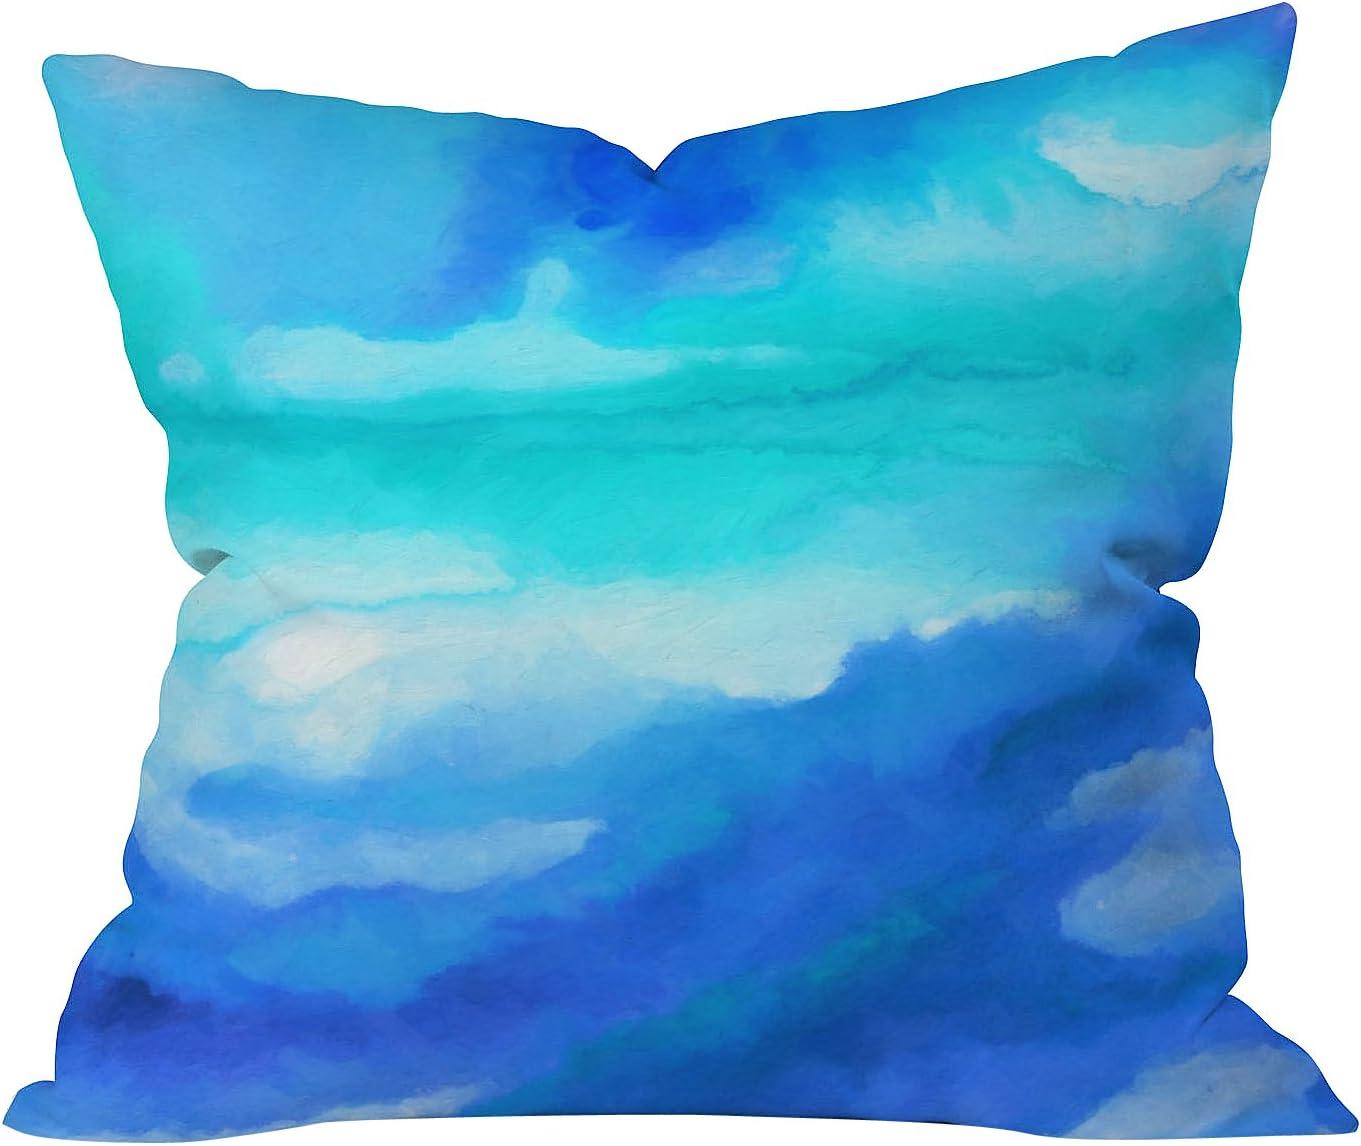 Deny Philadelphia Mall Fresno Mall Designs Jacqueline Maldonado Rise 20 x Pillow Throw 2